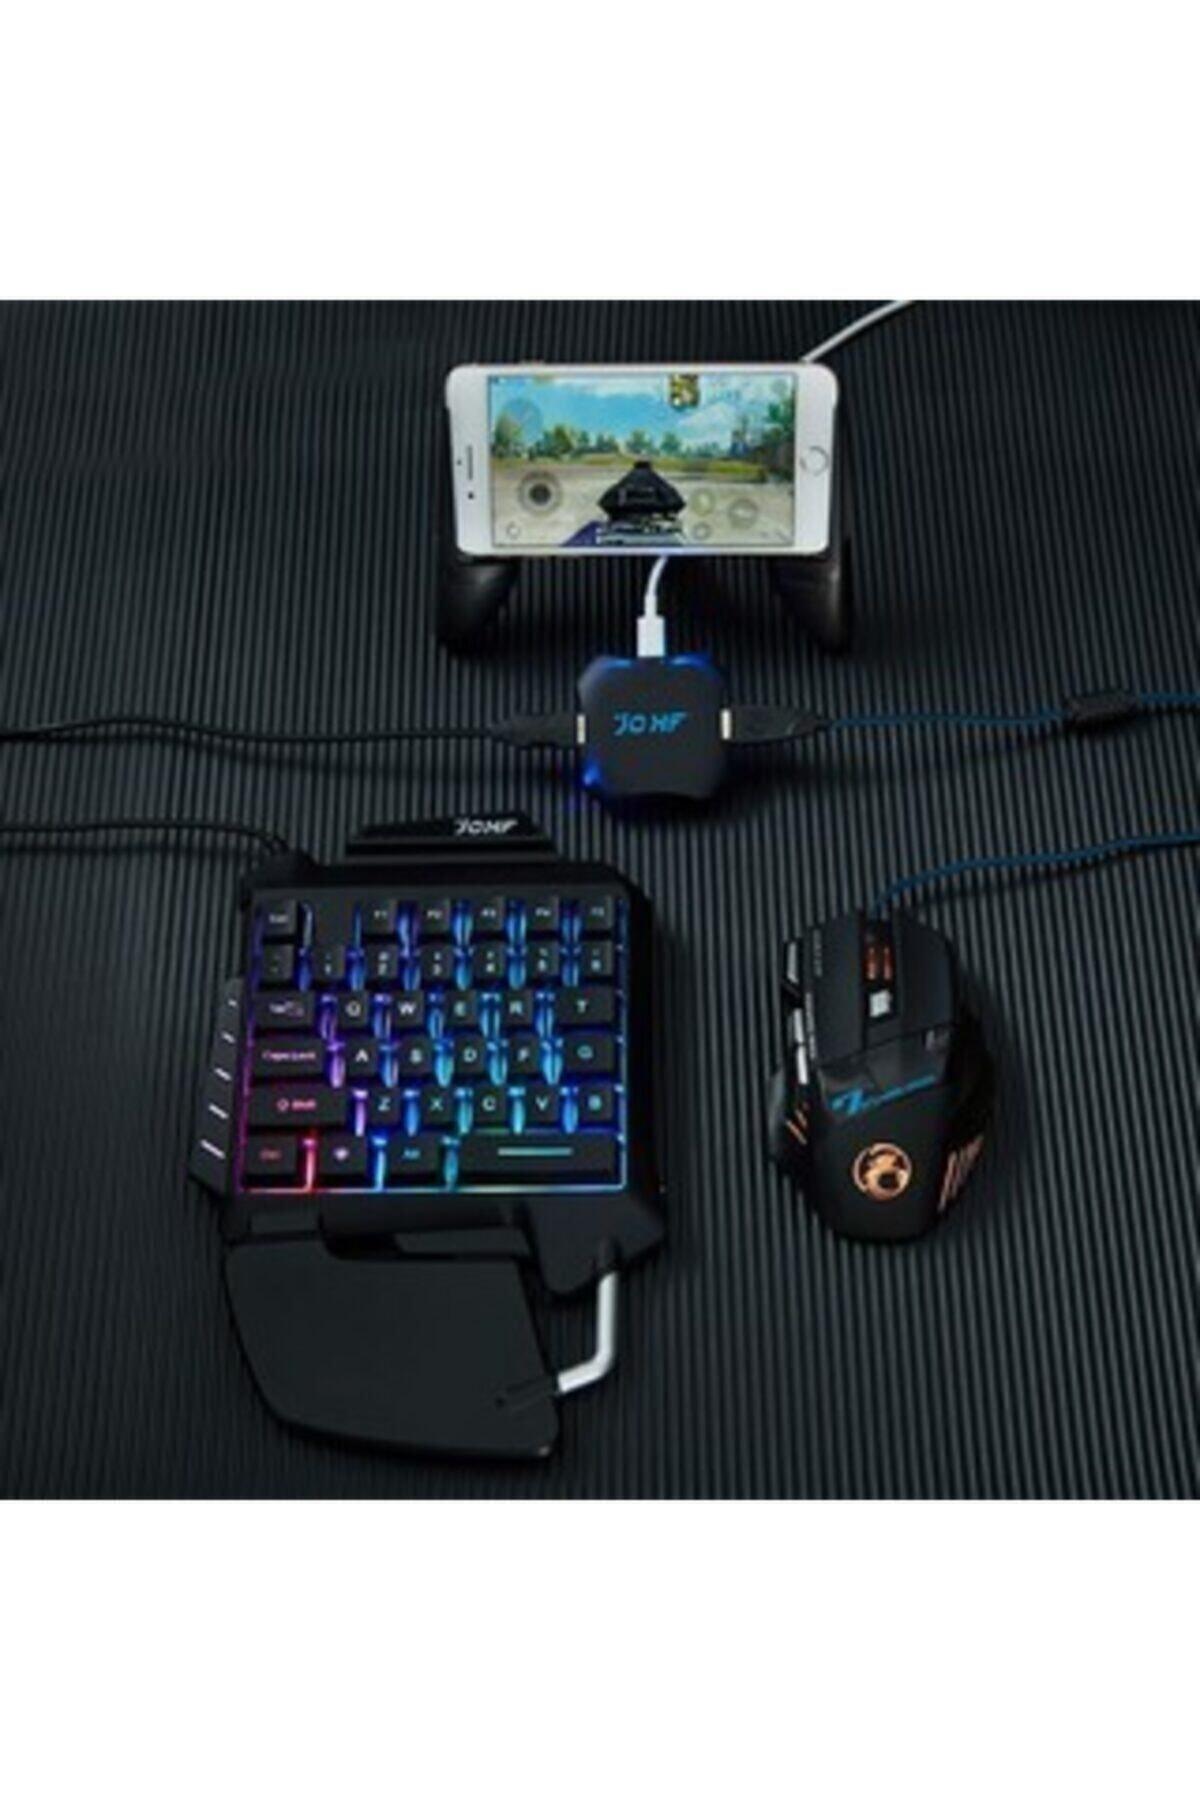 Gate Pubg Oyun Konsolu 3in1-klavye Mouse Bağlayıcı 3 Lü Set Mükemmel Kontrol Pubg Anlaşmalı Pubgset 1